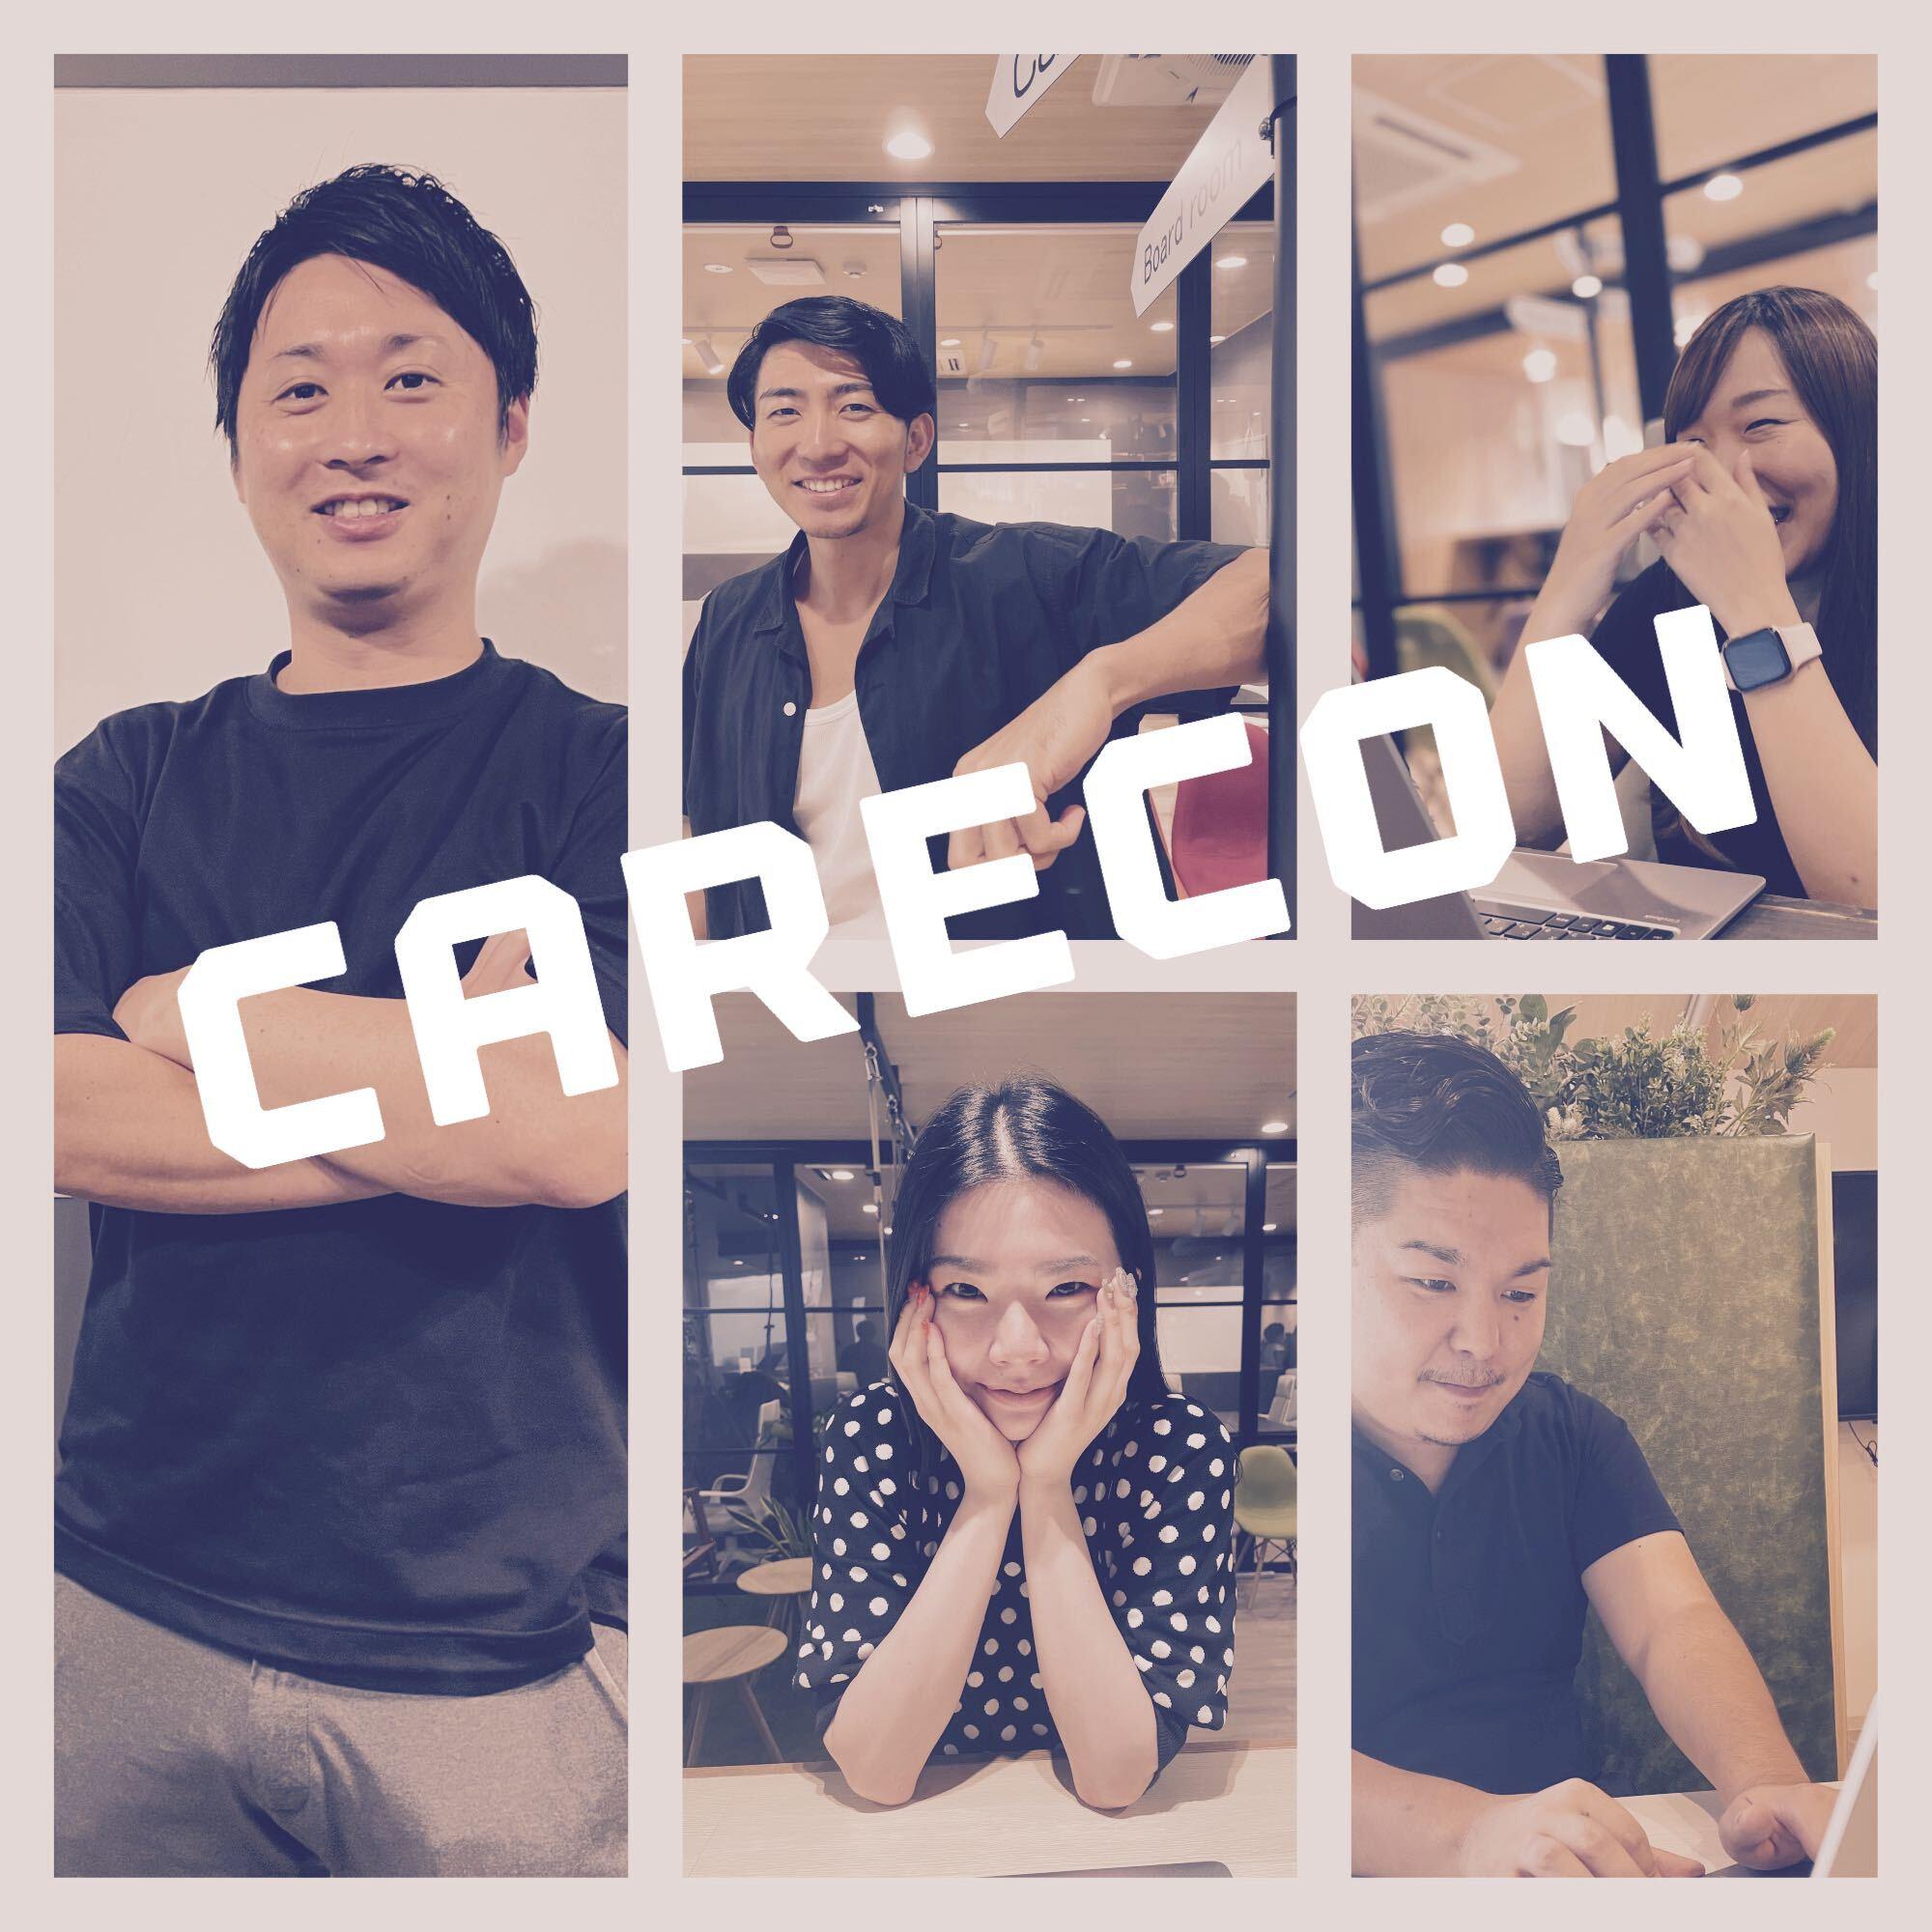 株式会社Carecon